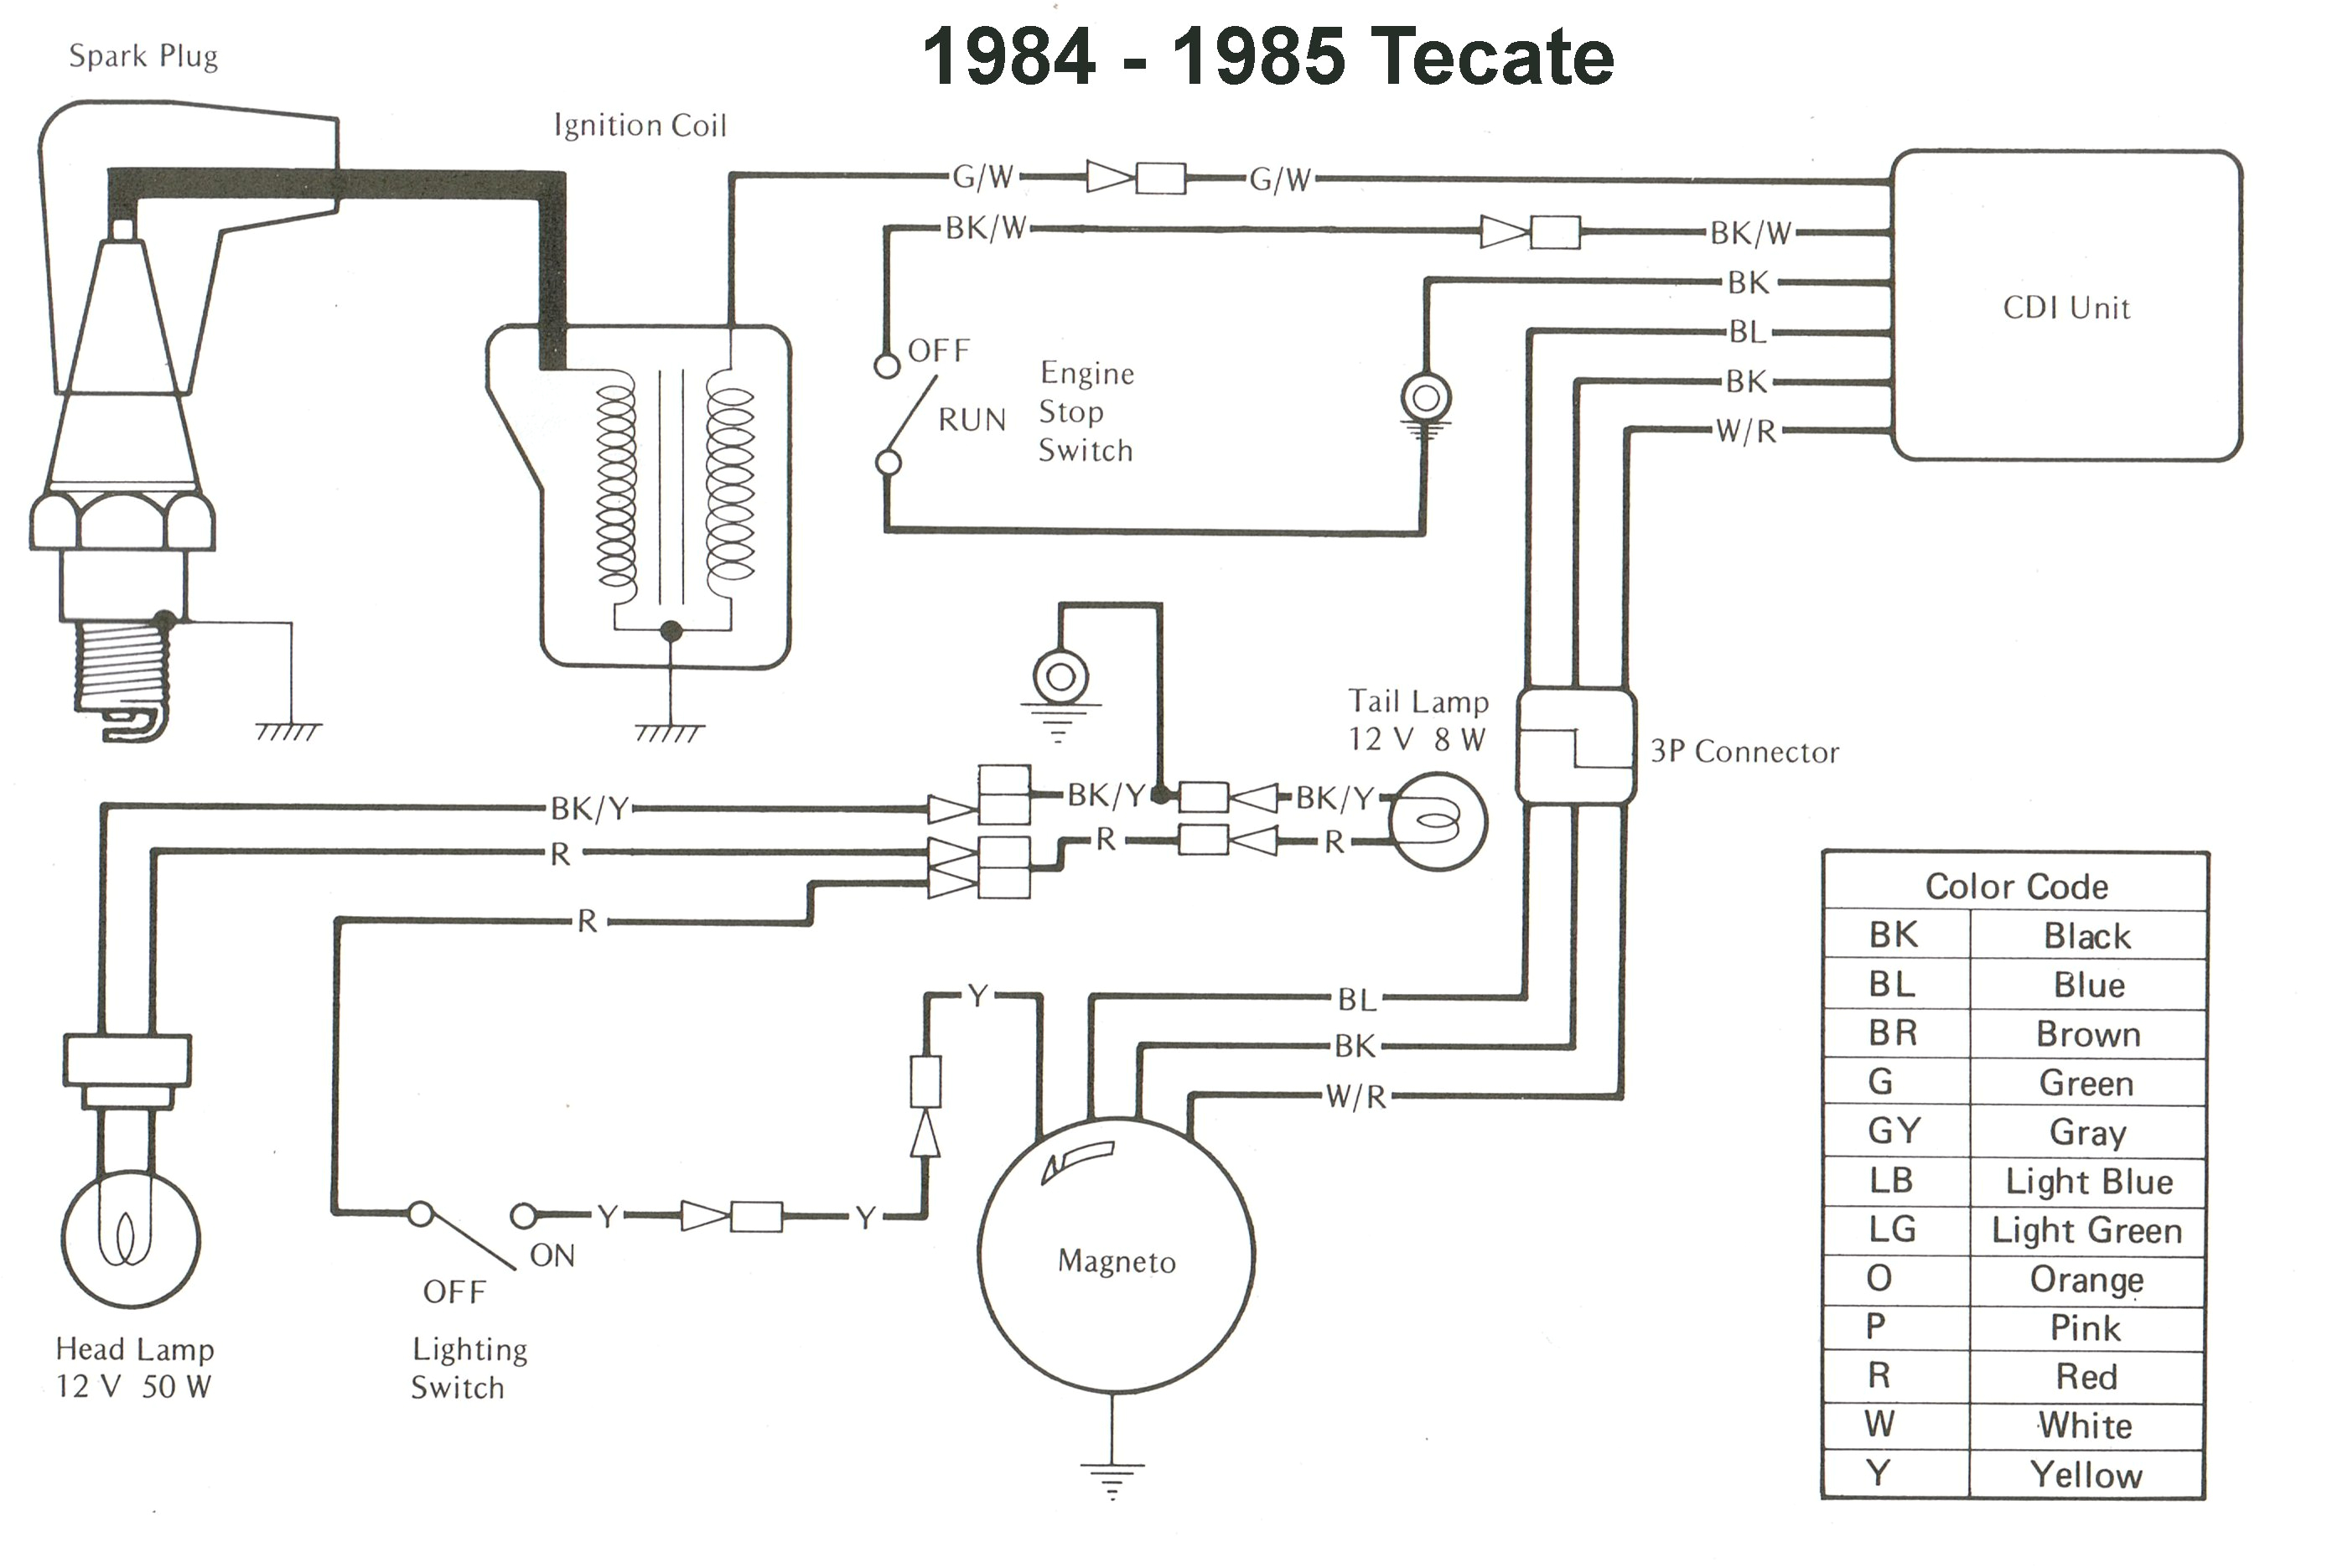 kawasaki 1996 wiring harness diagrams wiring diagrams show kawasaki wiring harness diagram wiring diagram blog kawasaki